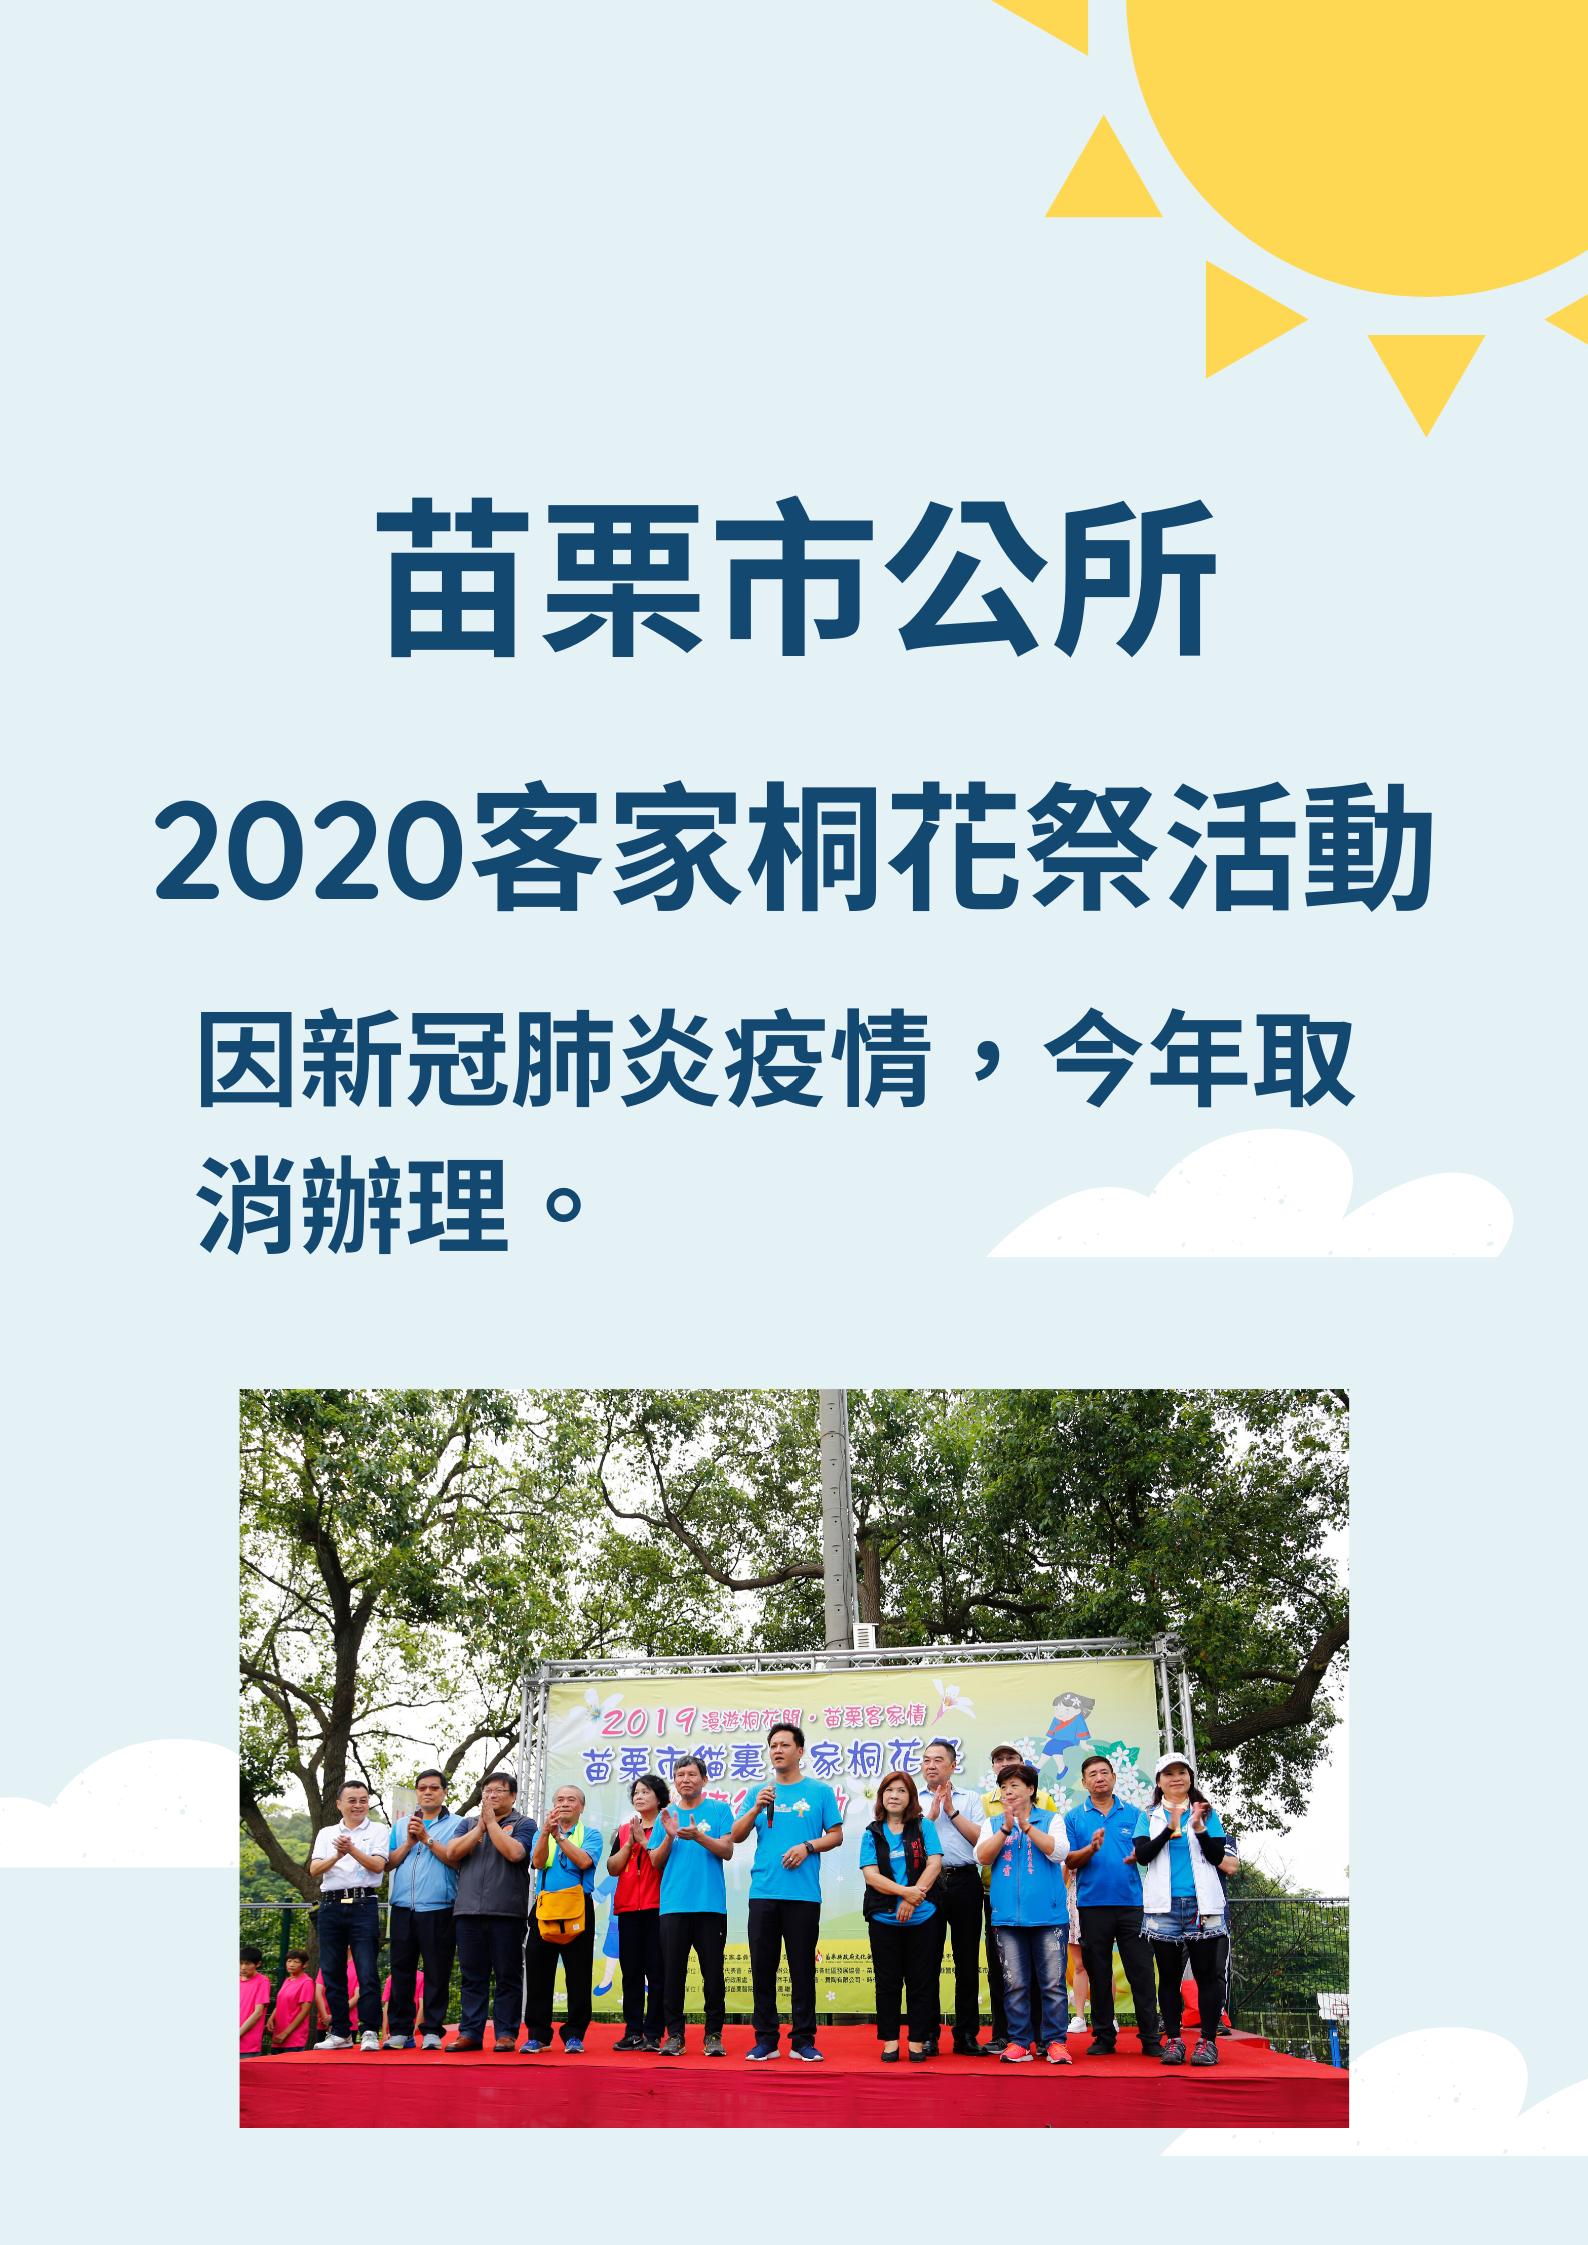 2020客家桐花祭活動因新冠肺炎疫情取消辦理